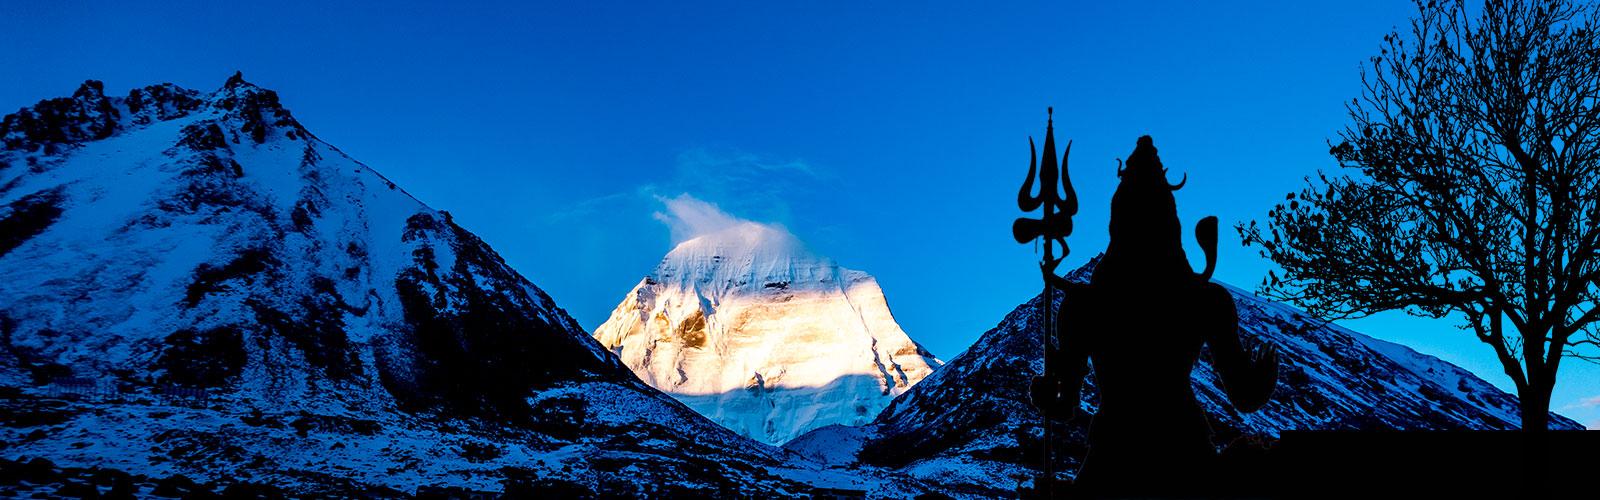 kailash-mansarovar-2019.jpg